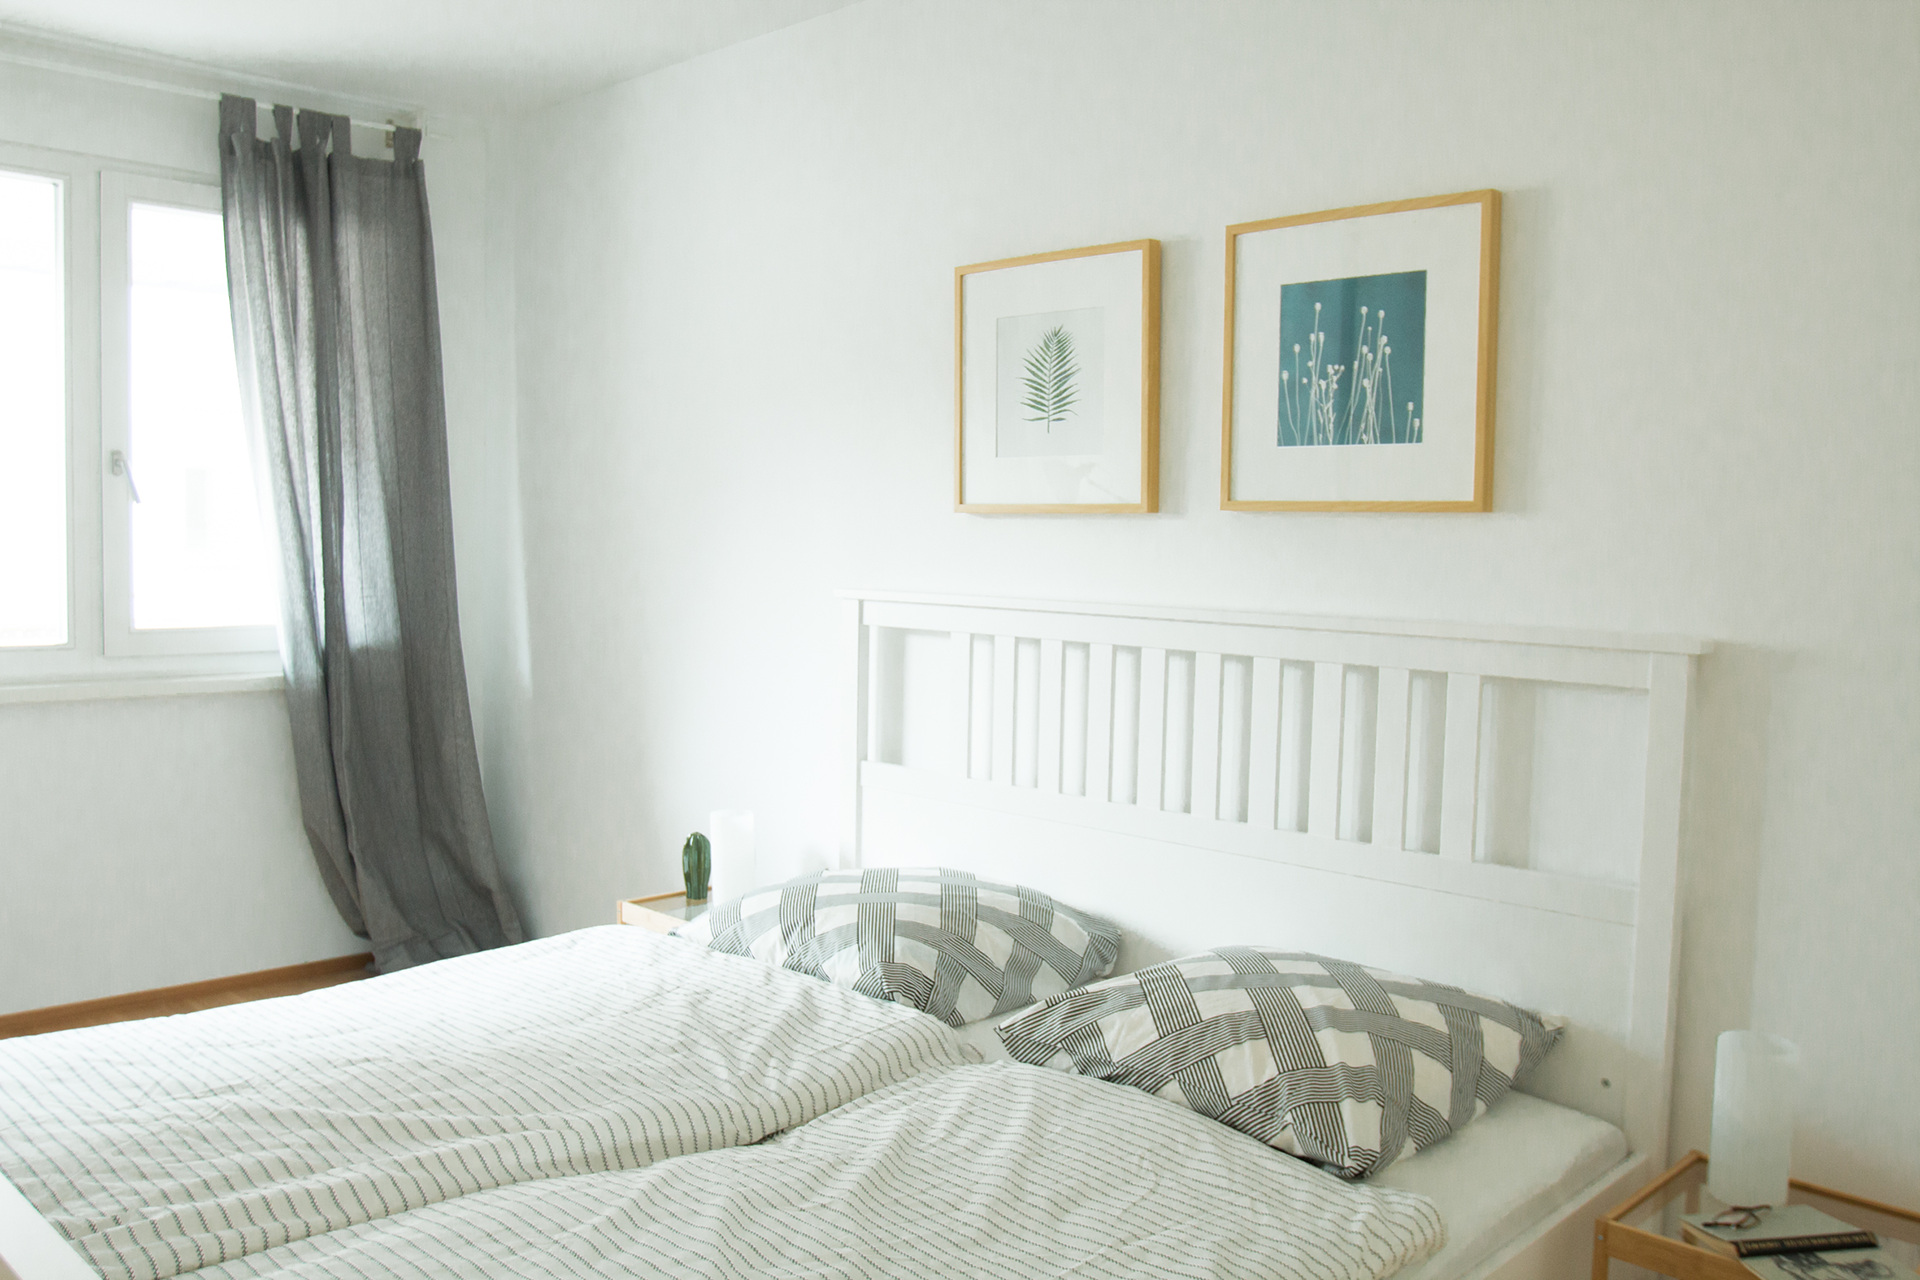 Schlafzimmer, gemütlich, Bilder, Bettwäsche